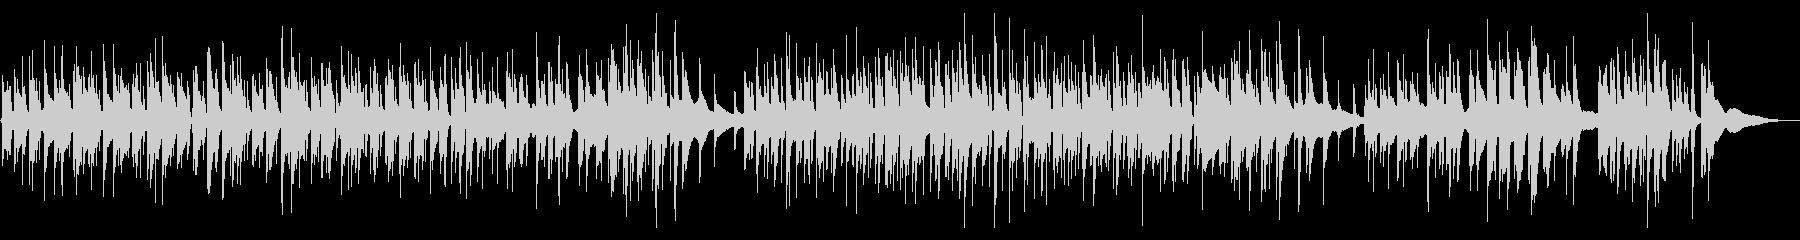 ベースでジャズほのぼのの未再生の波形